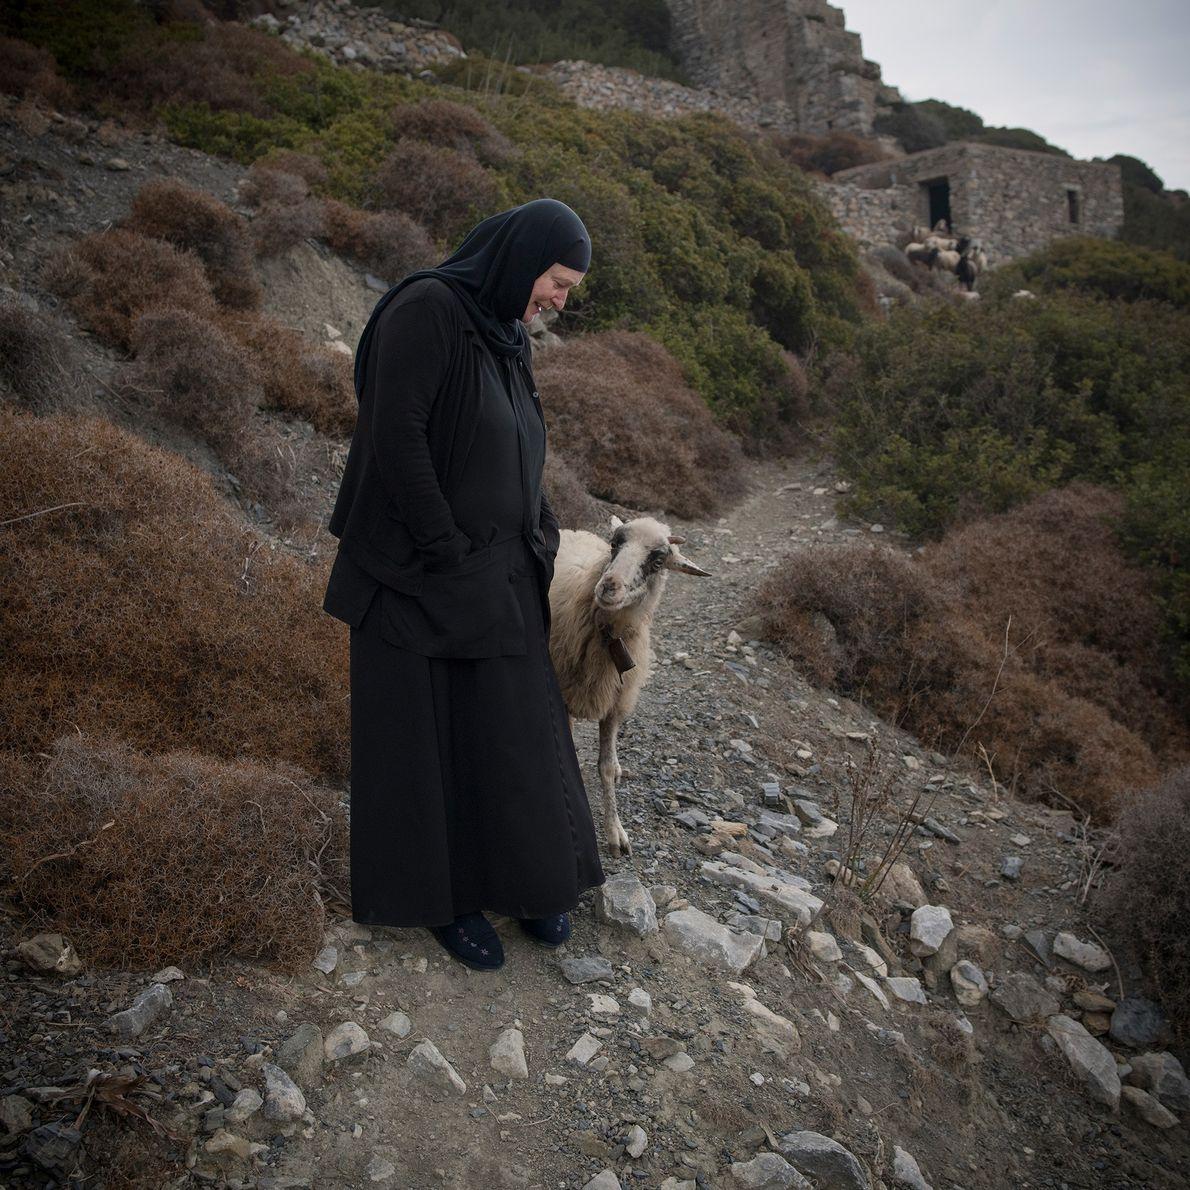 Accompagnée de quelques chèvres, Sœur Irini se promène en dehors de St. Valsamitis, situé à environ ...